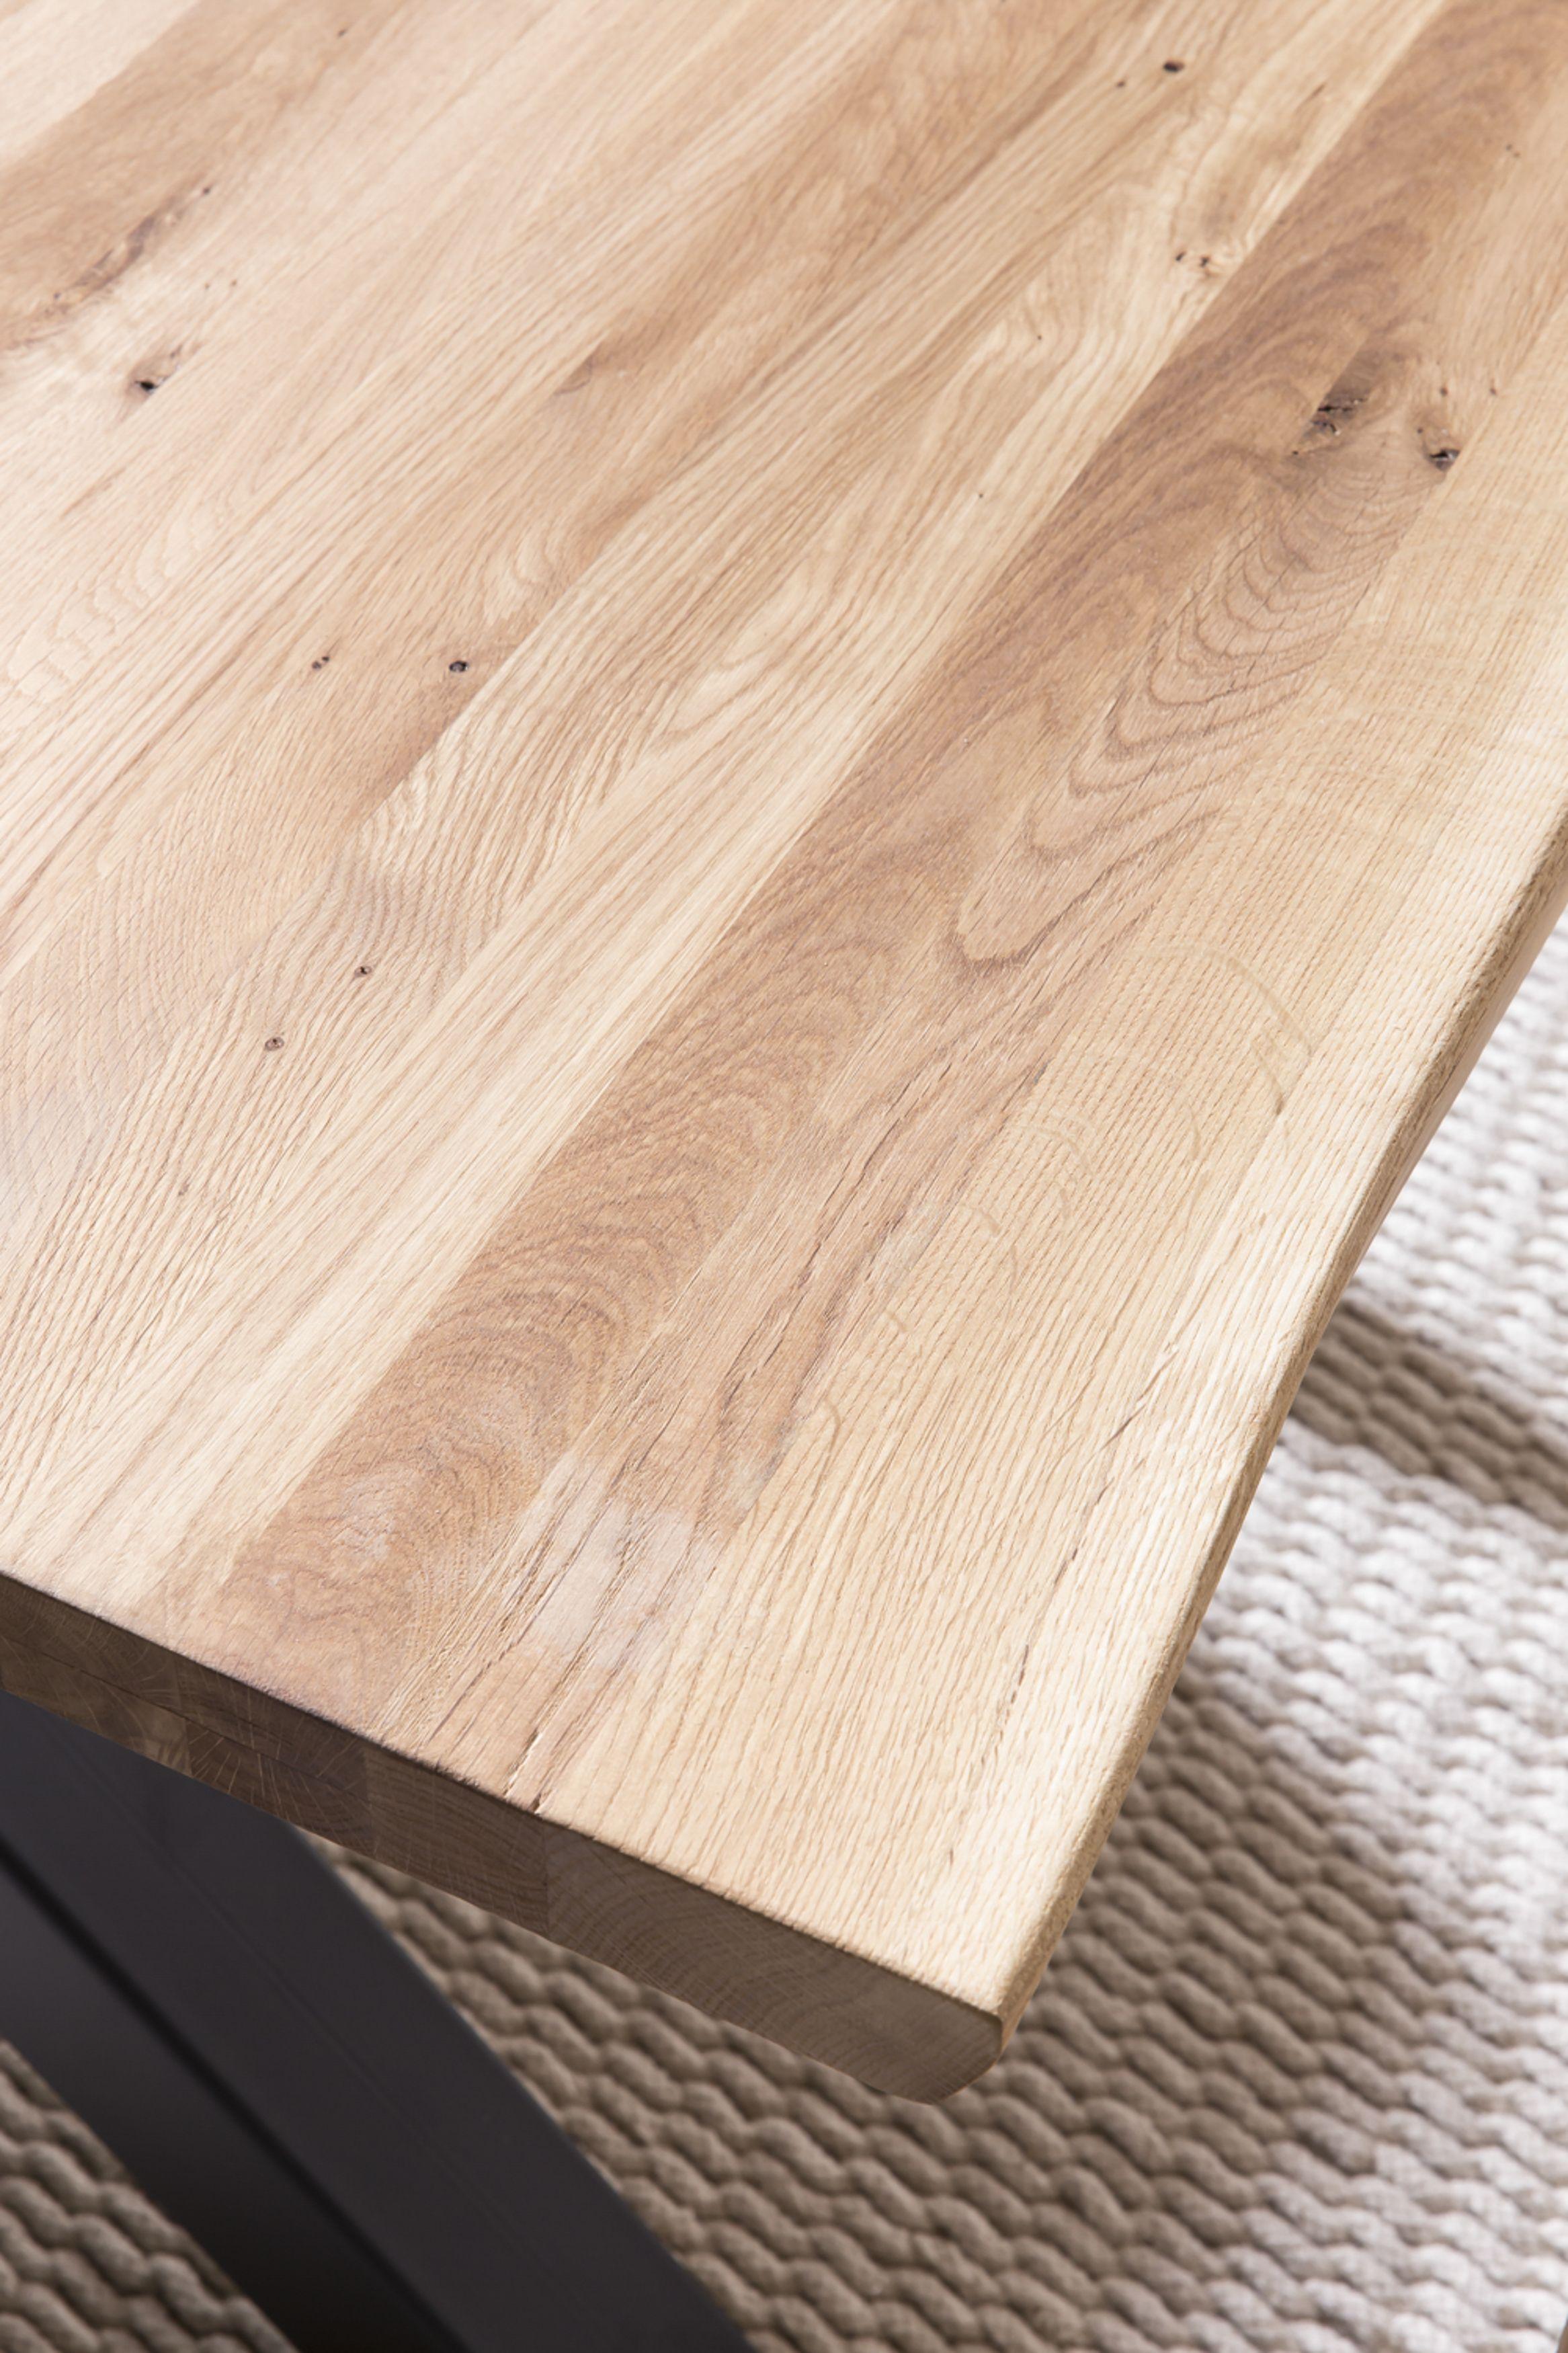 Pin Von Comnata Esstisch Auf Holzarten Esstisch Holz Esstisch Und Esstisch Wildeiche Massiv